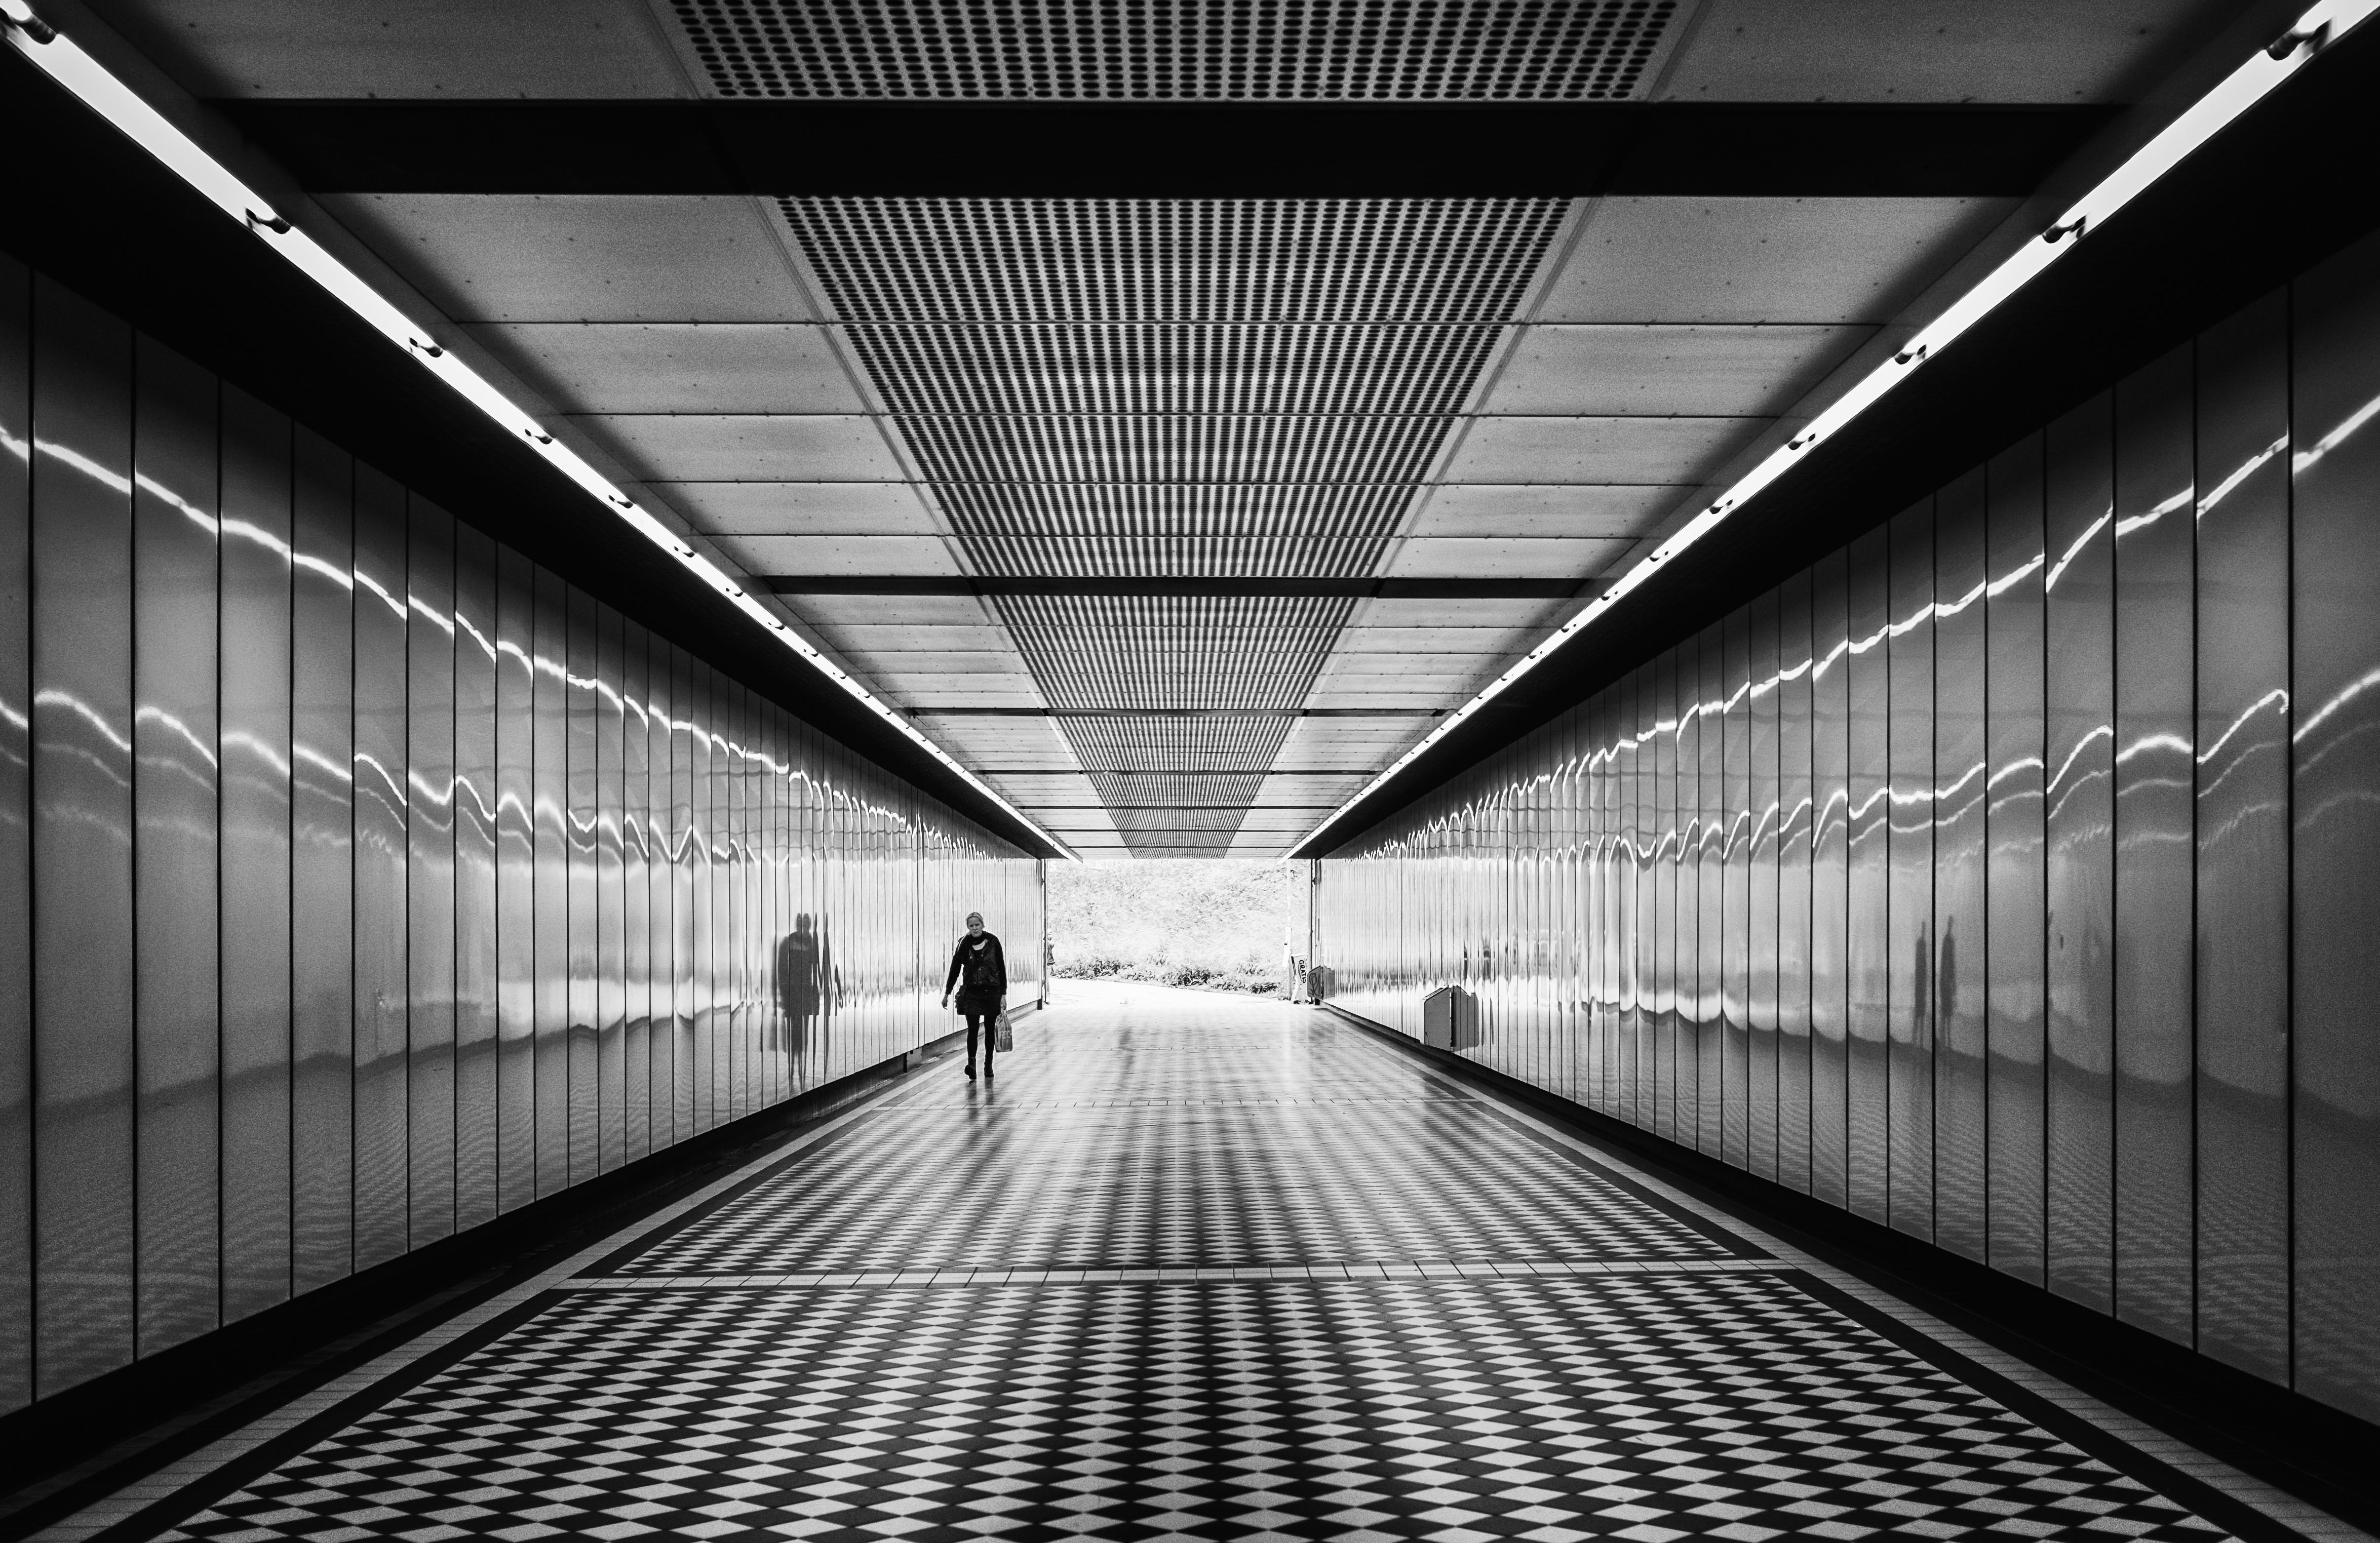 Along the corridor